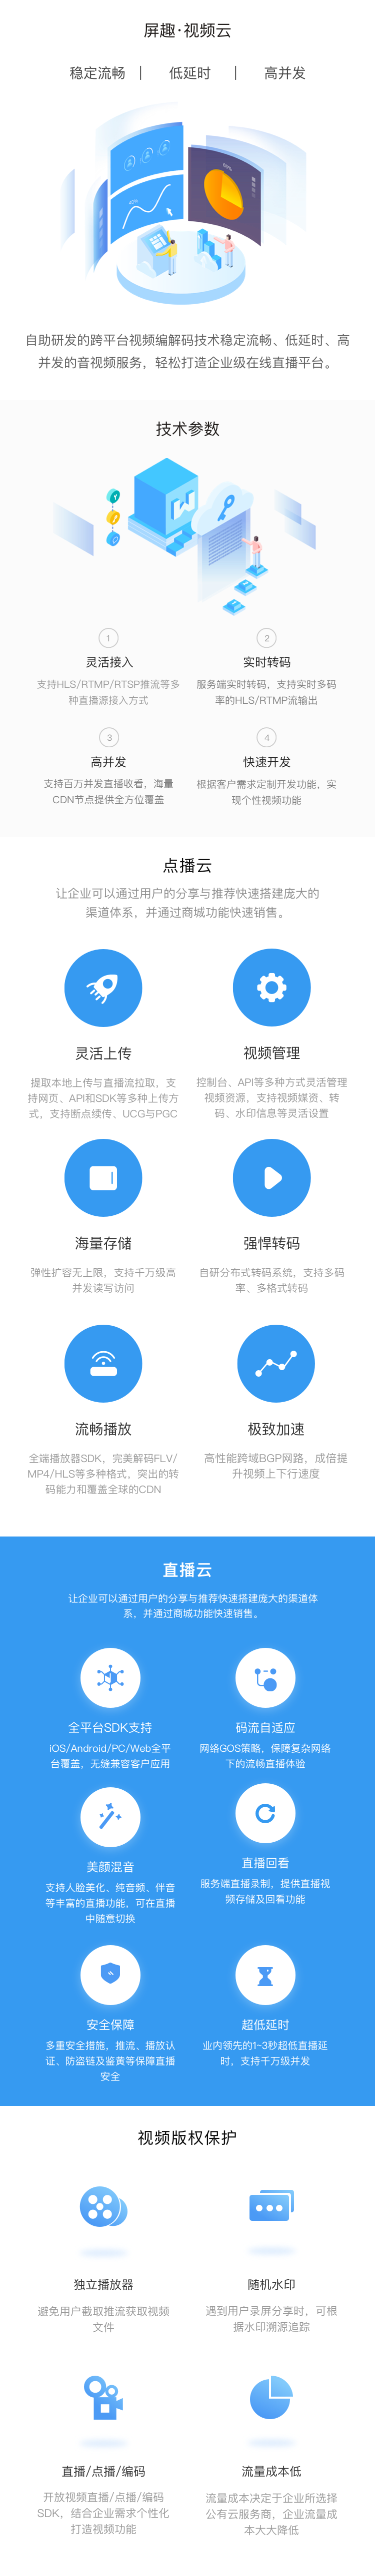 3.0.1解决方案 视频云服务 copy 2@1x.png